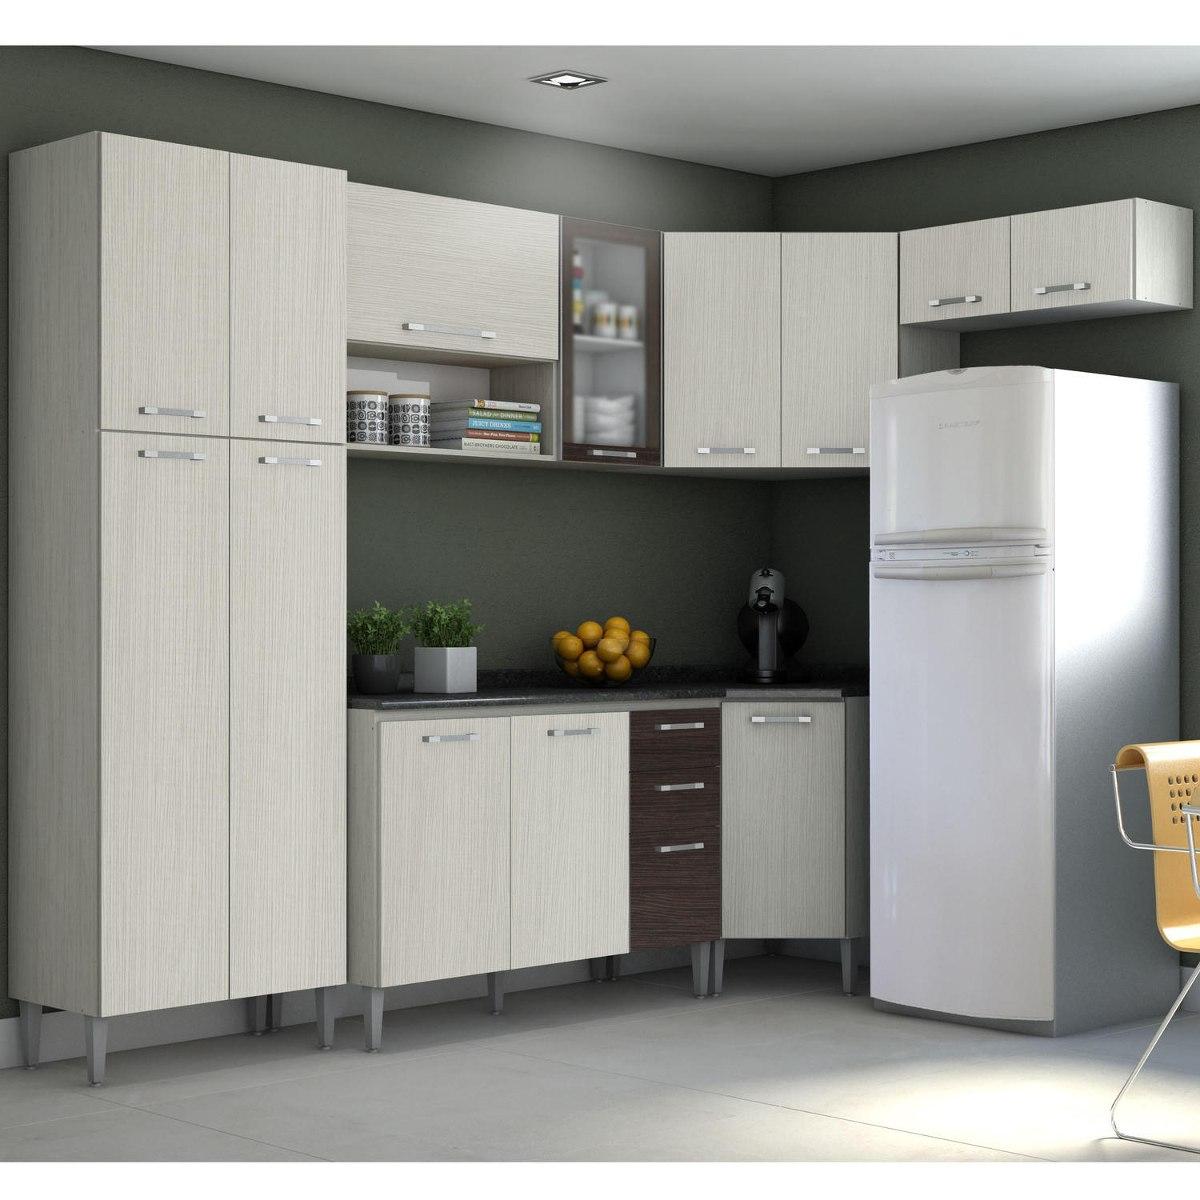 Cozinha Completa Viv 1 Kits Paran Djwt R 950 30 Em Mercado Livre